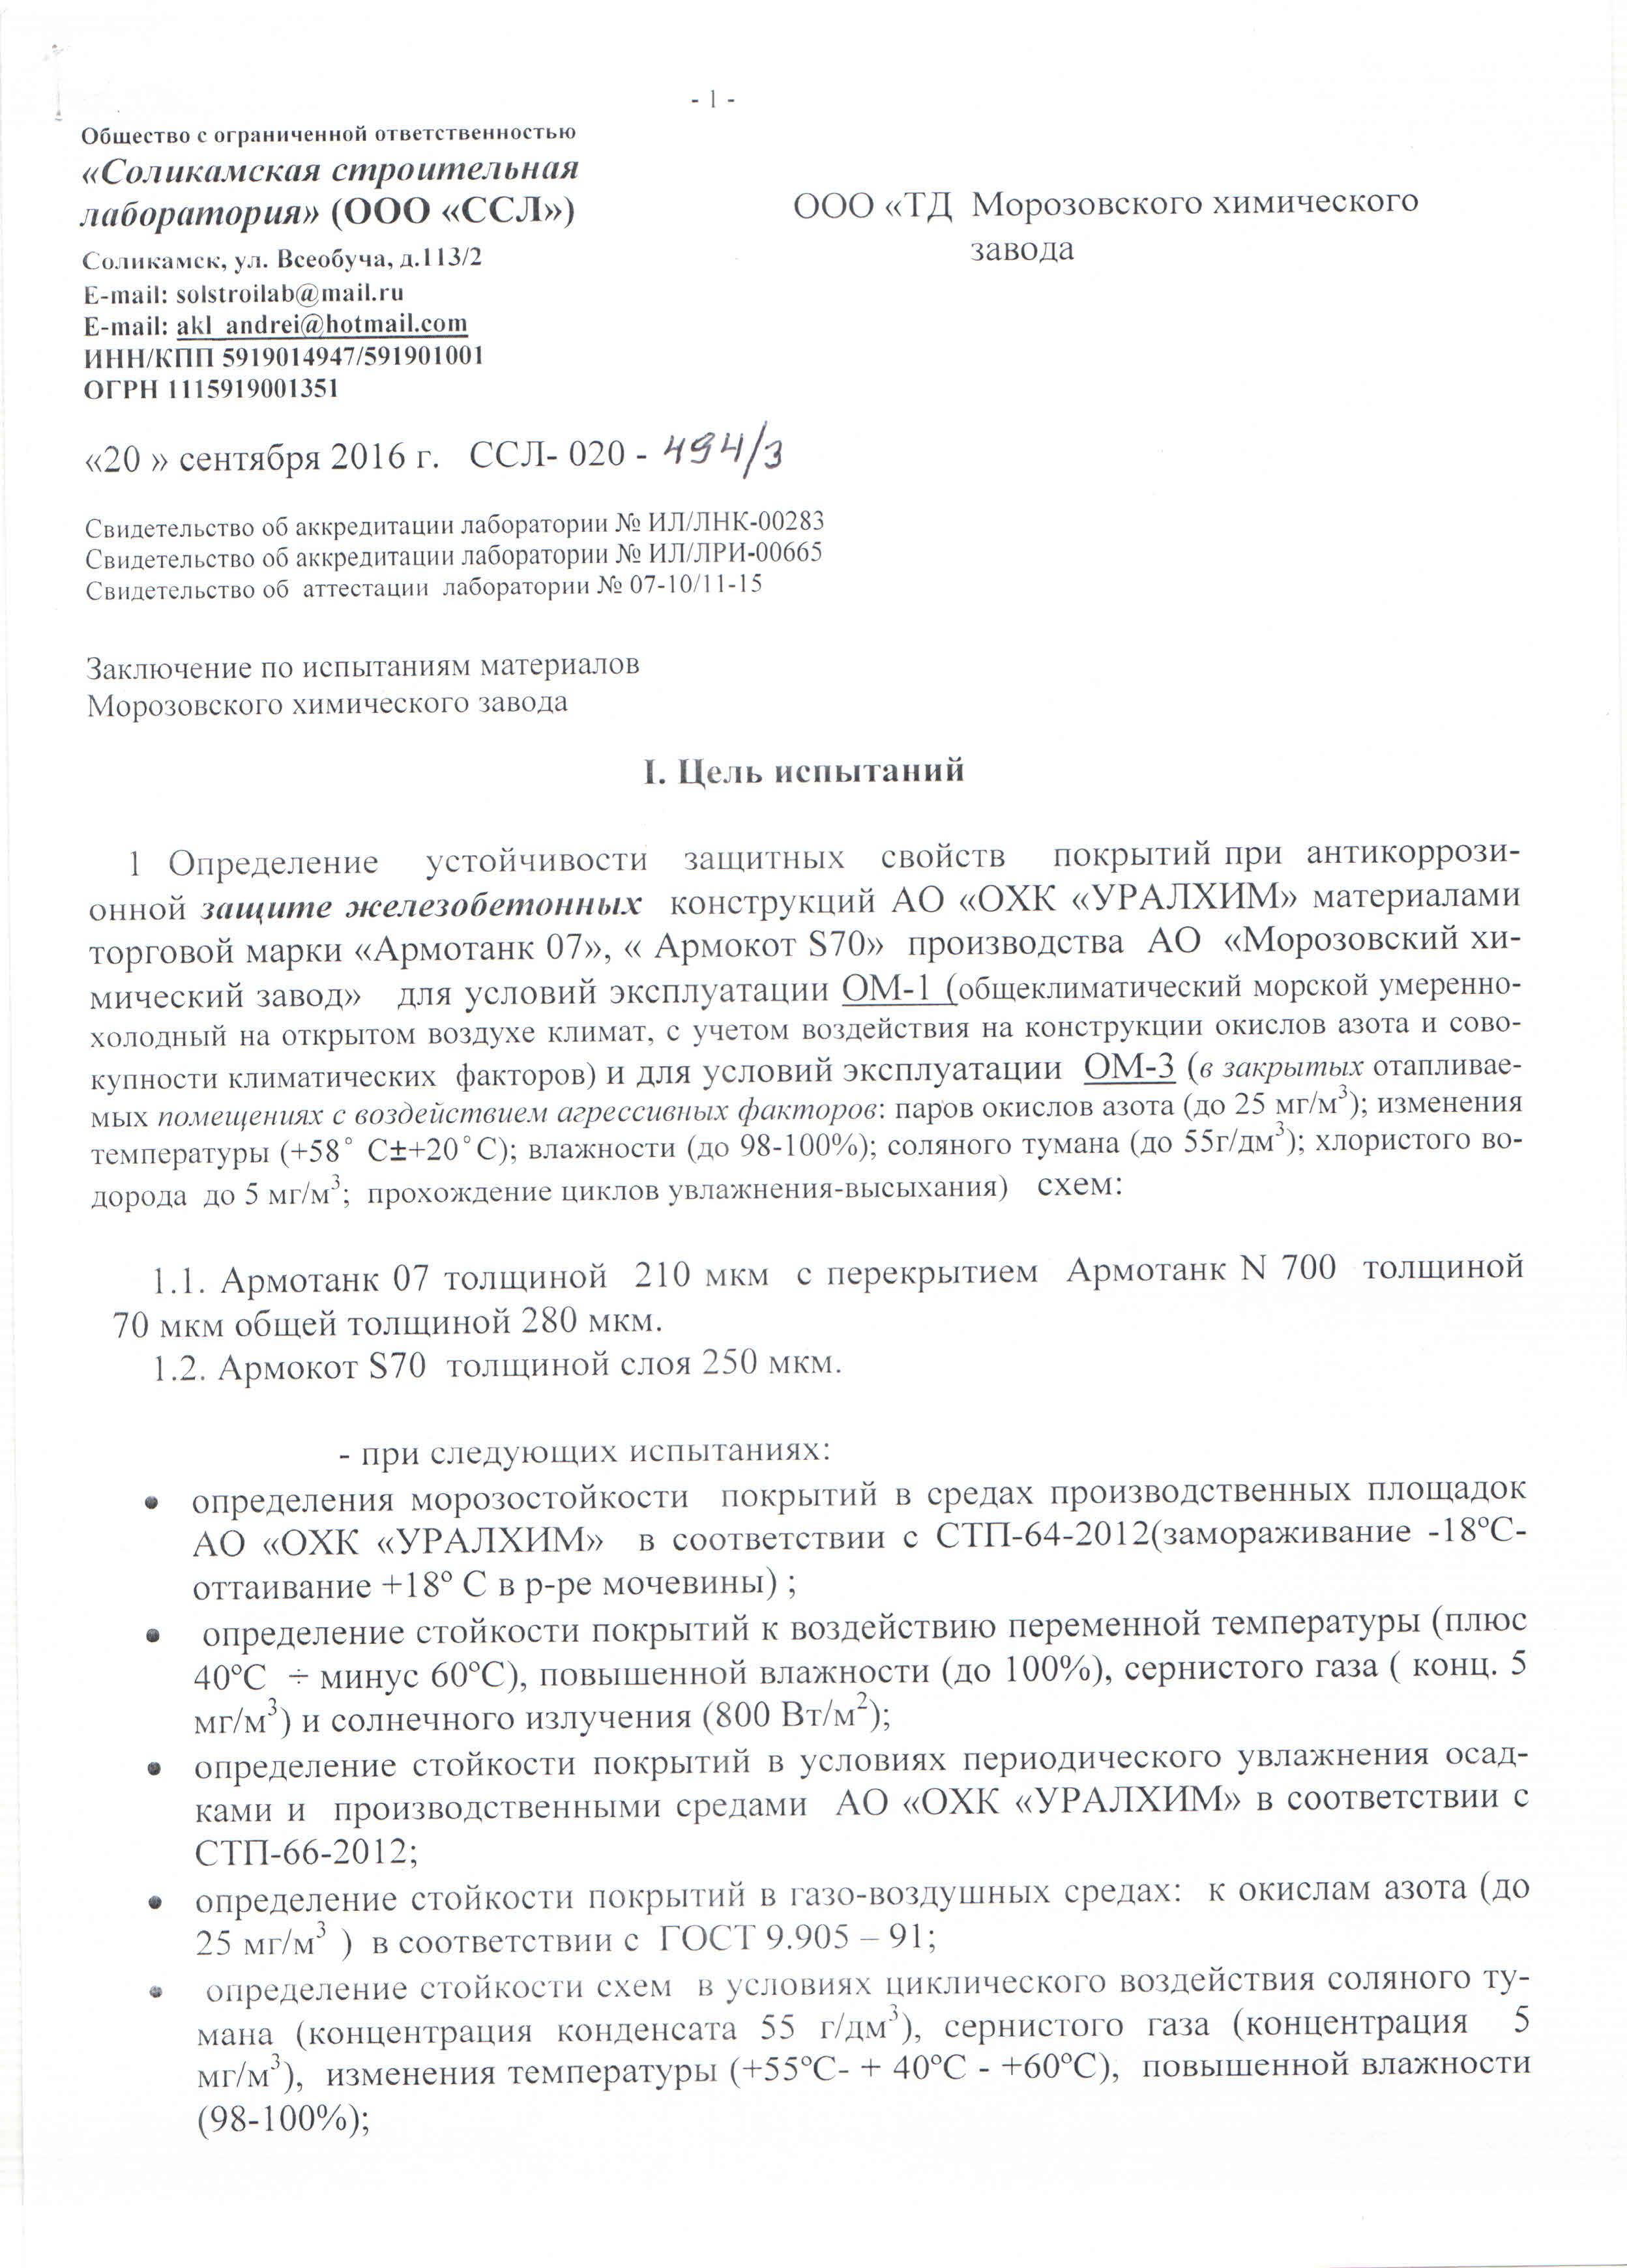 Заключение ООО «Соликамская строительная лаборатория» бетон Уралхим 07+N700S70_Страница_01